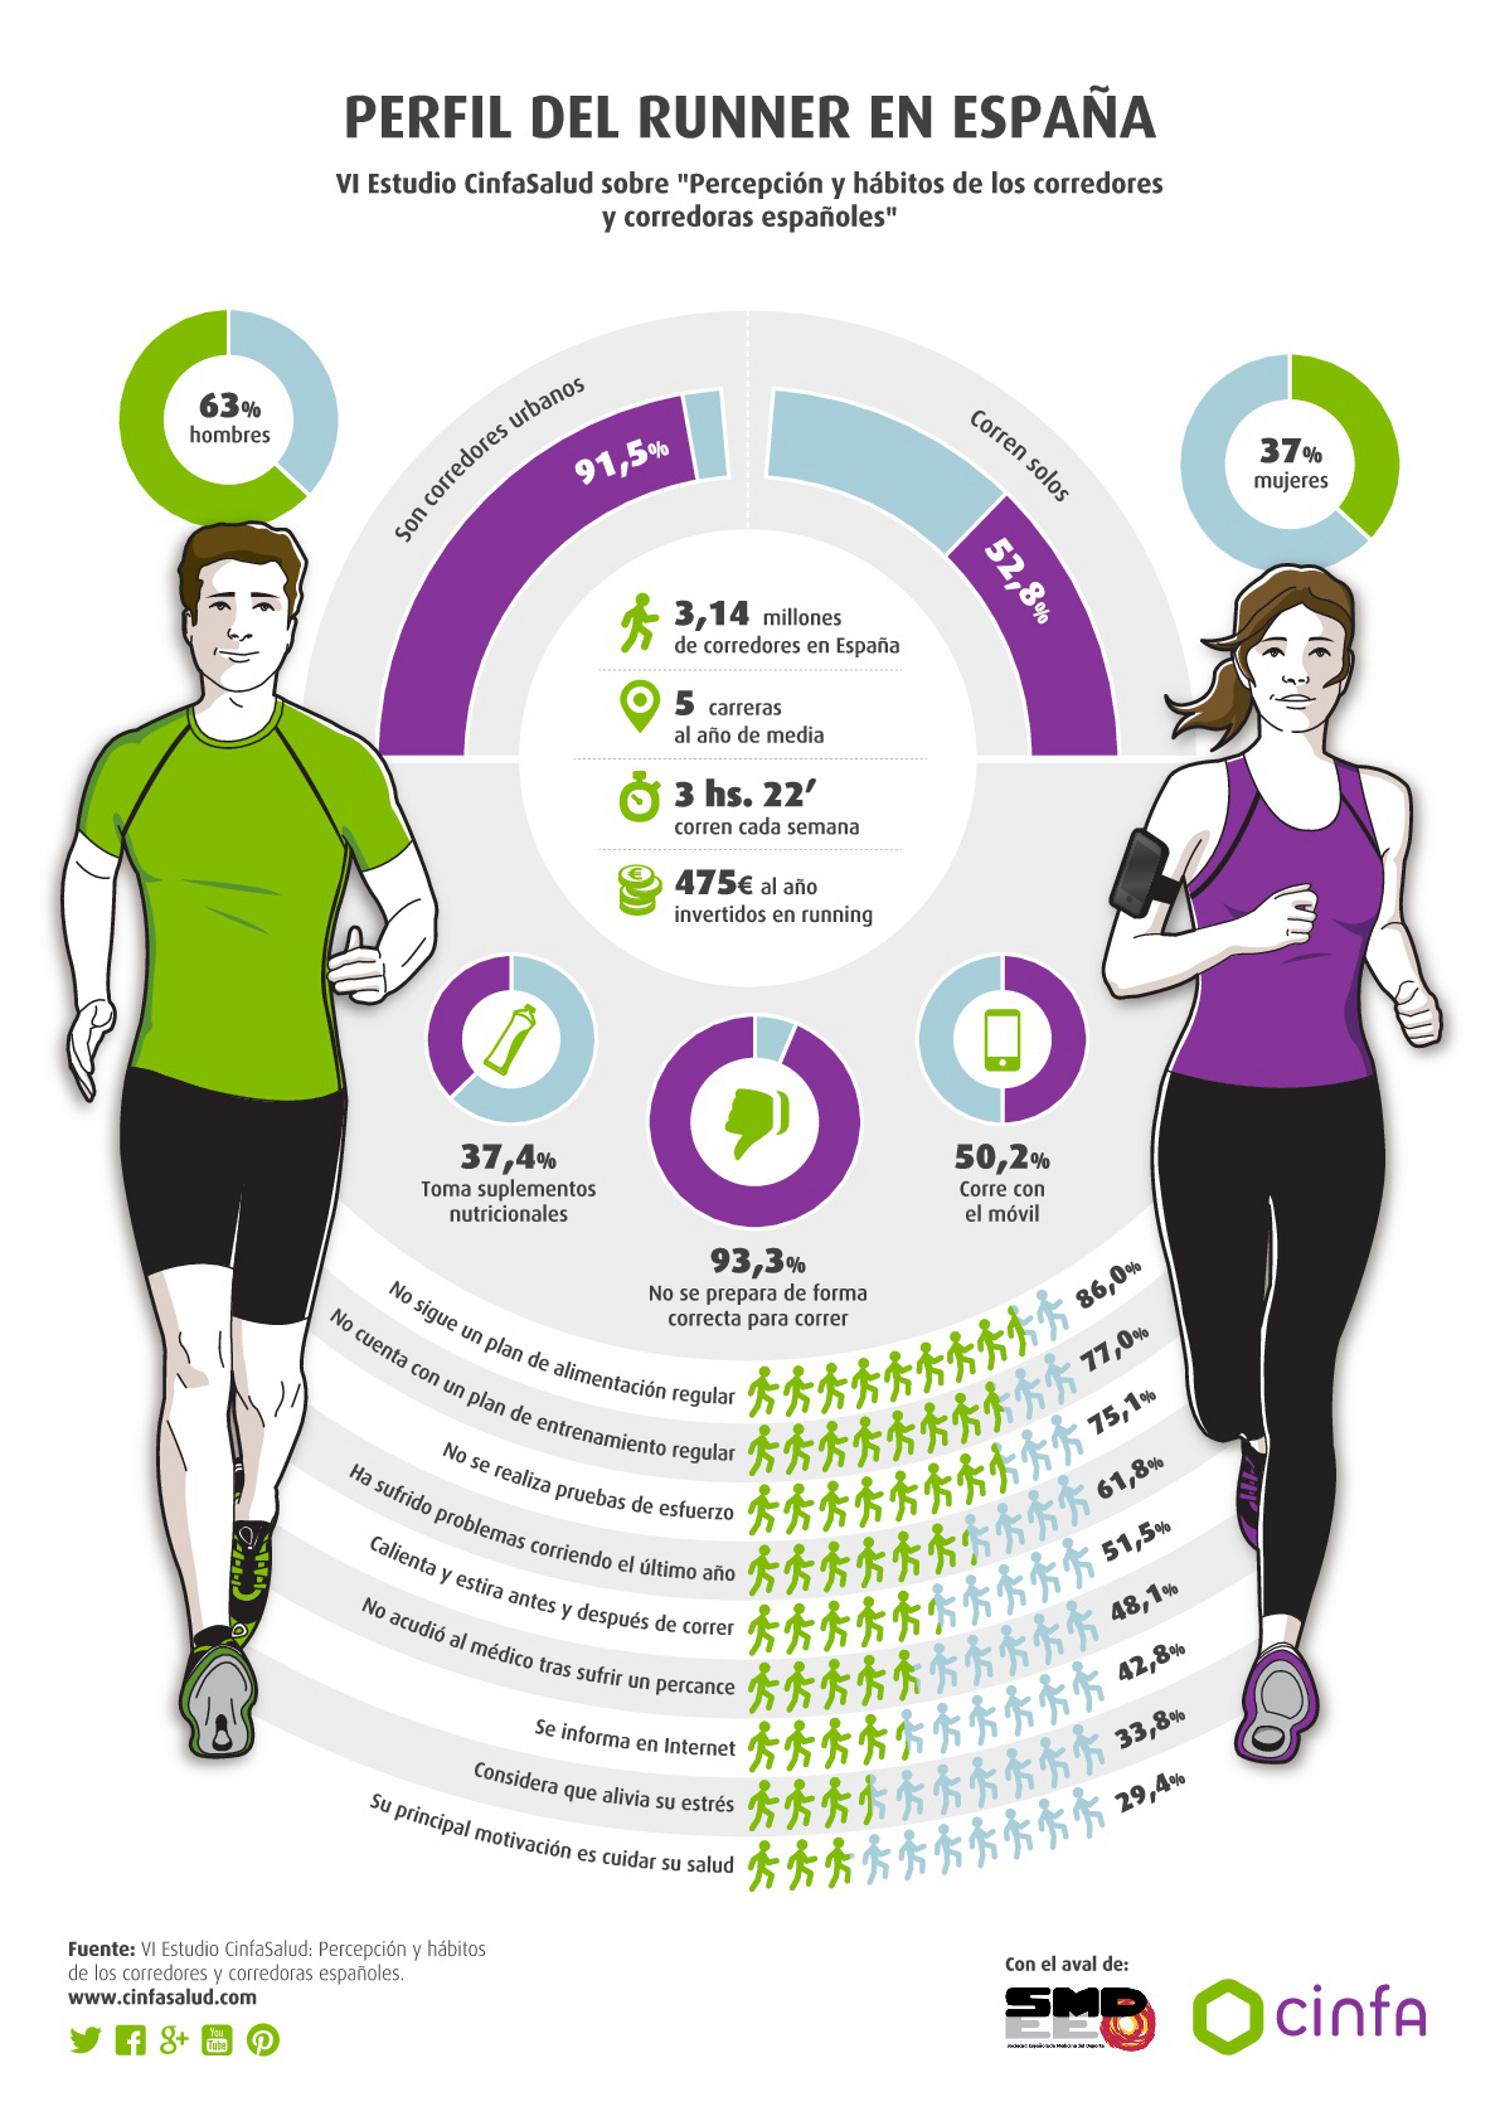 Perfil del Runner